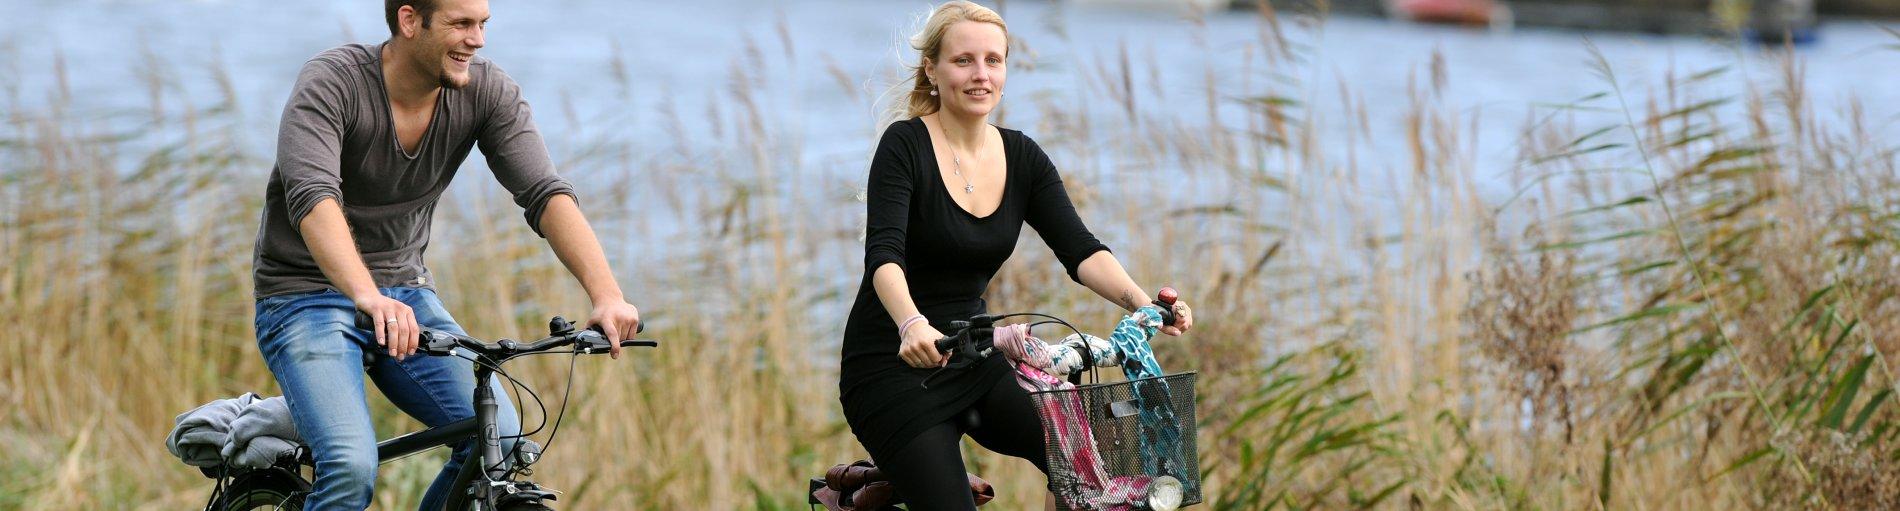 Zwei Menschen fahren Fahrrad am Wasser entlang.